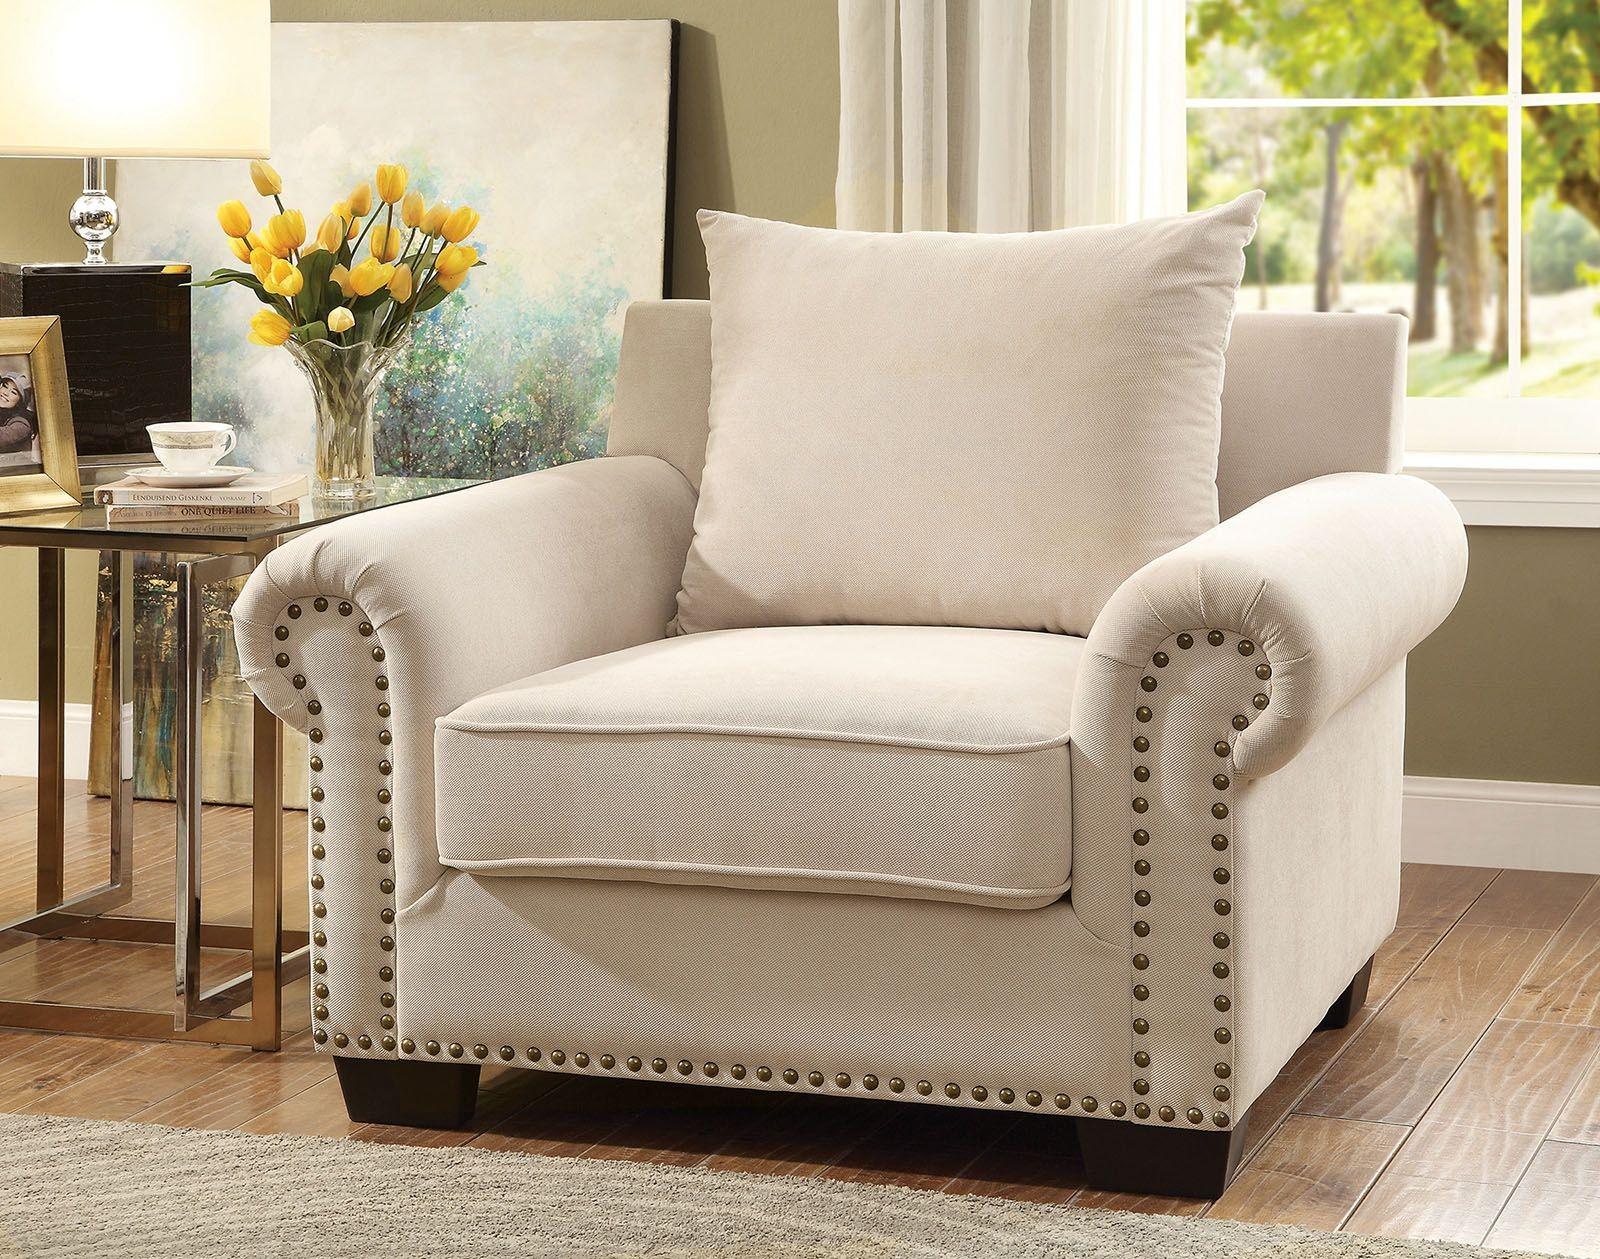 skyler ivory living room set cm6155 sf furniture of america. Black Bedroom Furniture Sets. Home Design Ideas